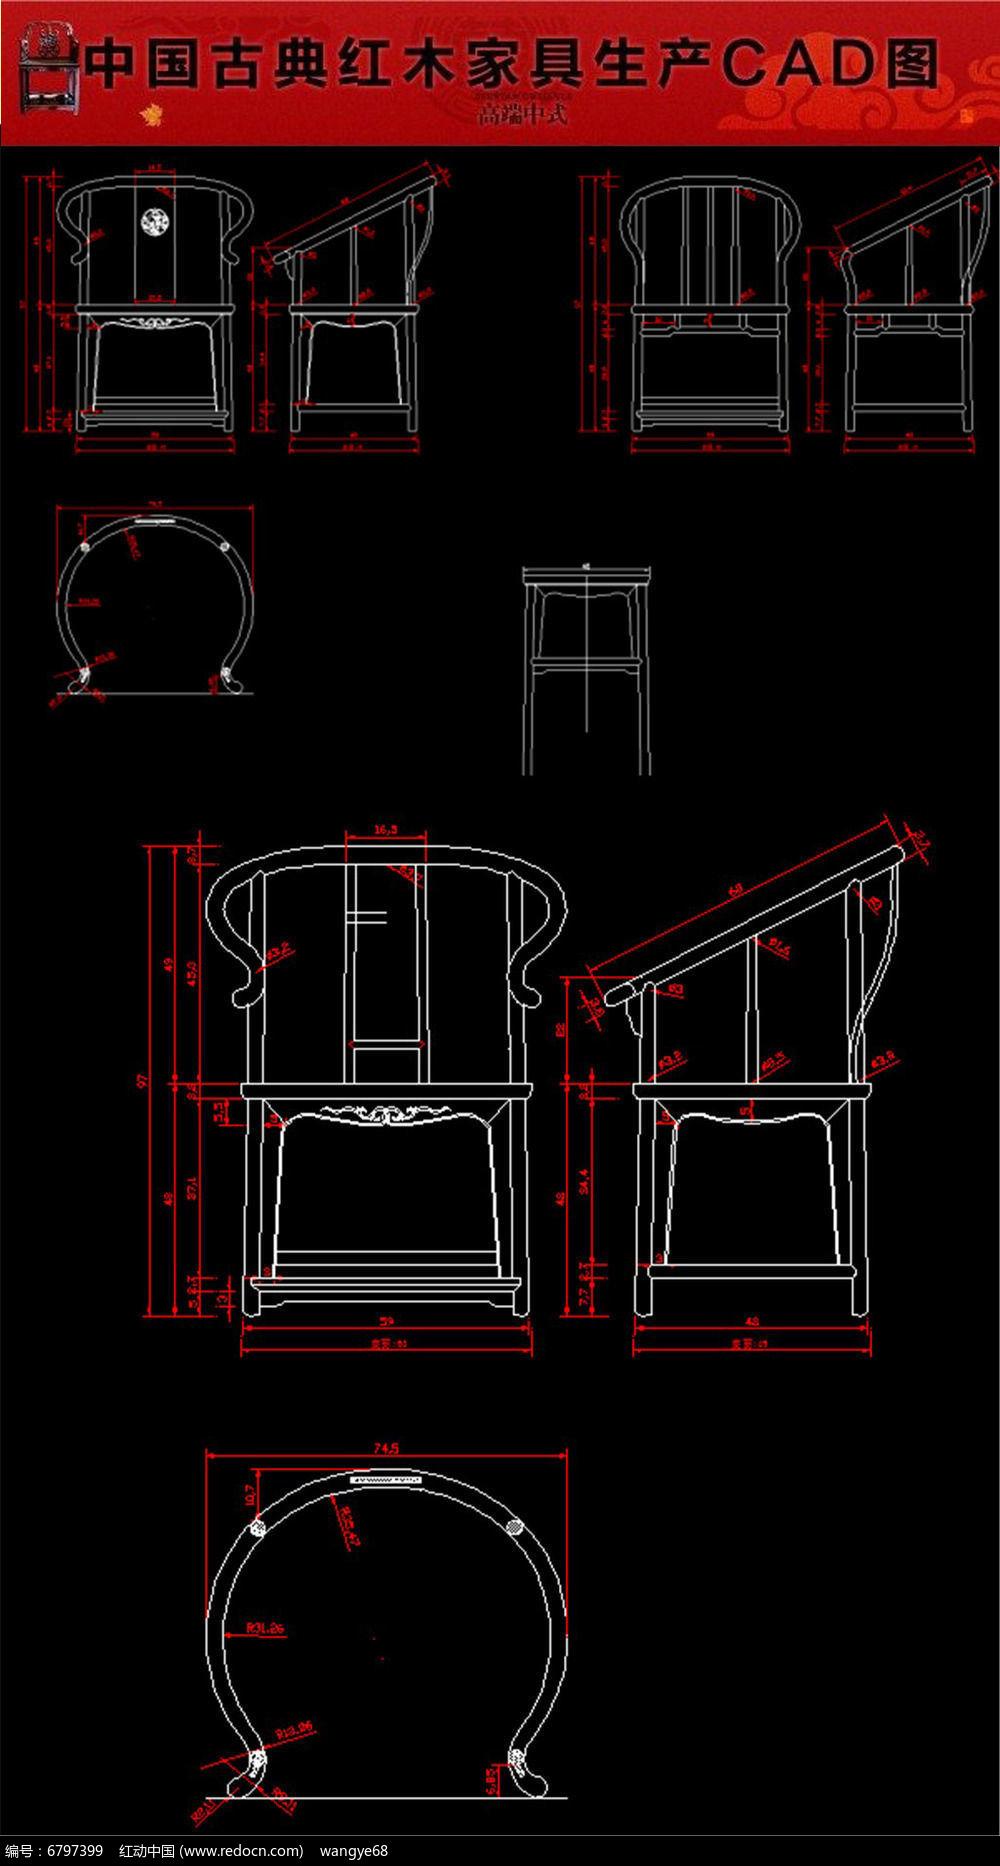 缝纫机CAD图纸_缝纫机CAD电梯图片分享西尼图纸时新达图纸图片